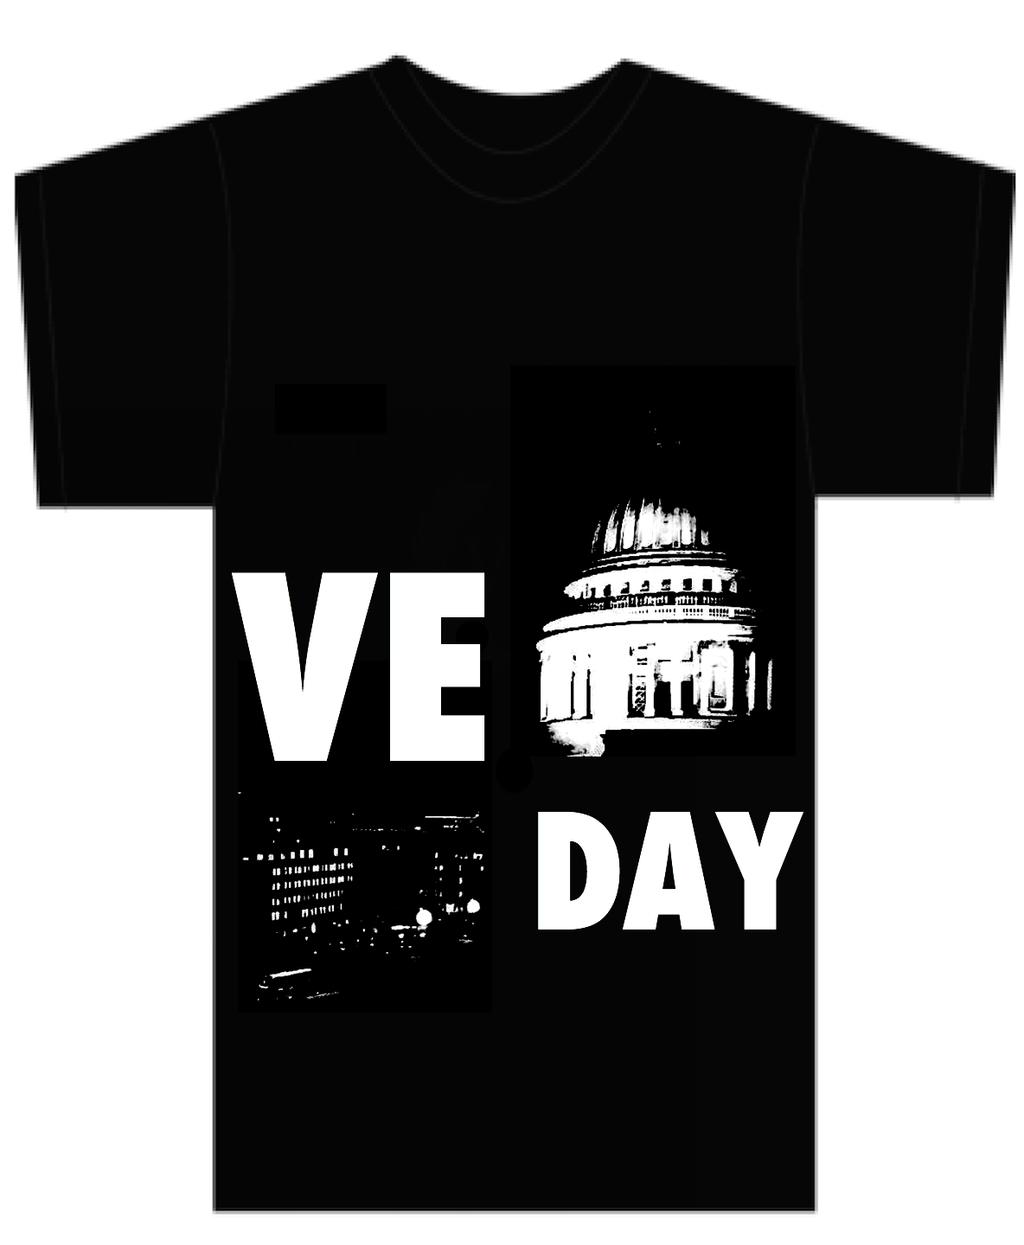 Shirt jack design template - Tempretsangel 5 21 Ve Day Design On Black T Shirt Template By Creativedyslexic